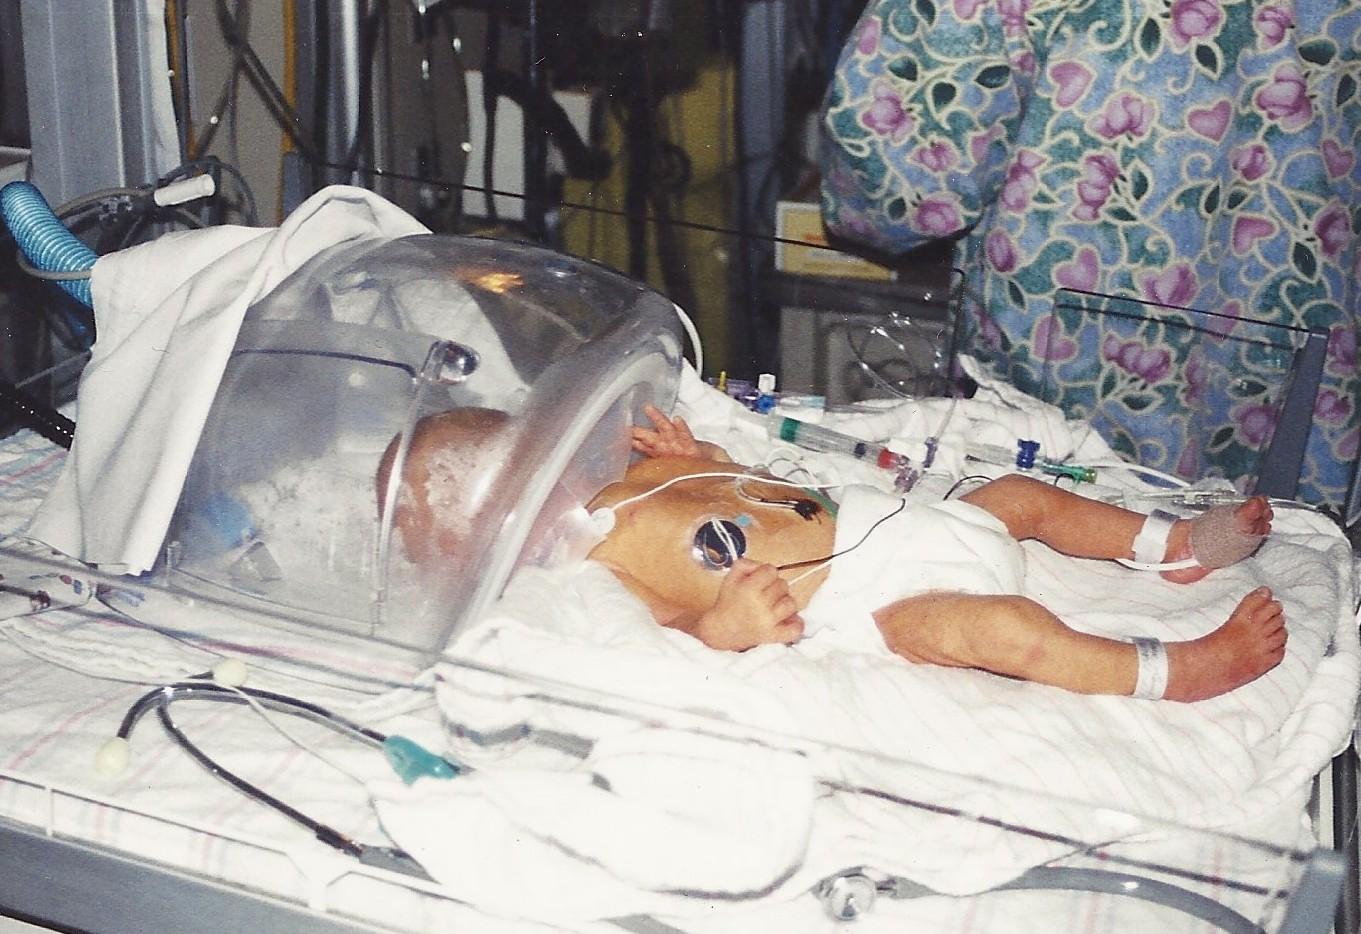 Preemie baby on radiant warmer in oxygen hood